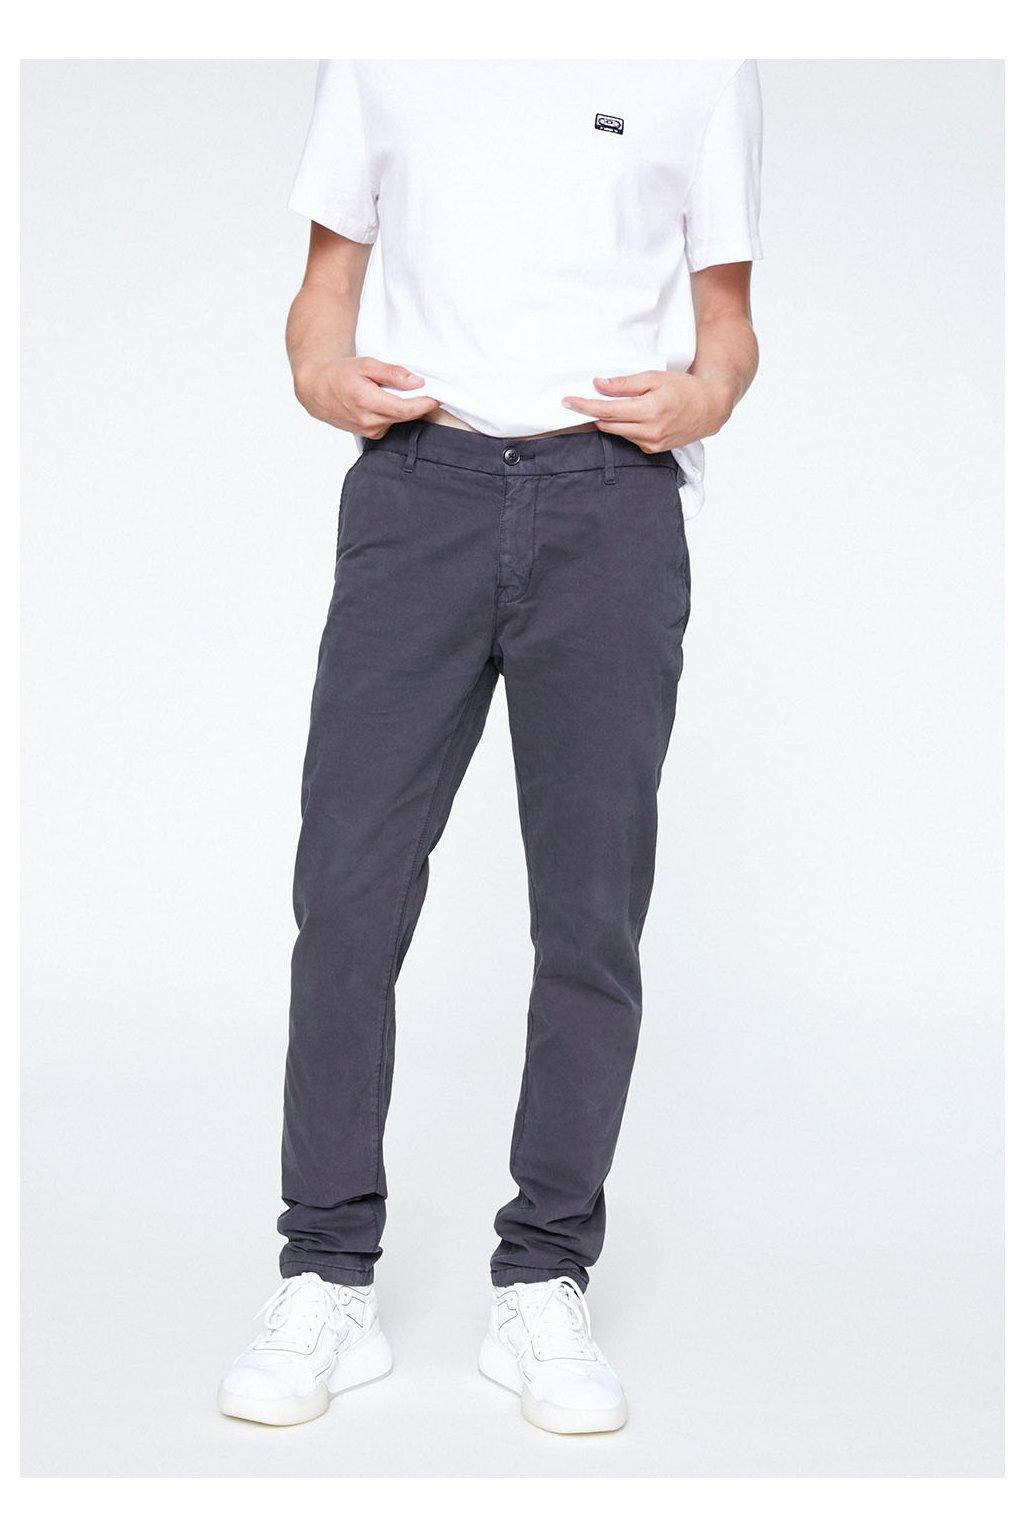 """Pánské tmavě šedé kalhoty z biobavlny """"EDVAAN ACID BLACK"""" (Velikost 29/32)"""